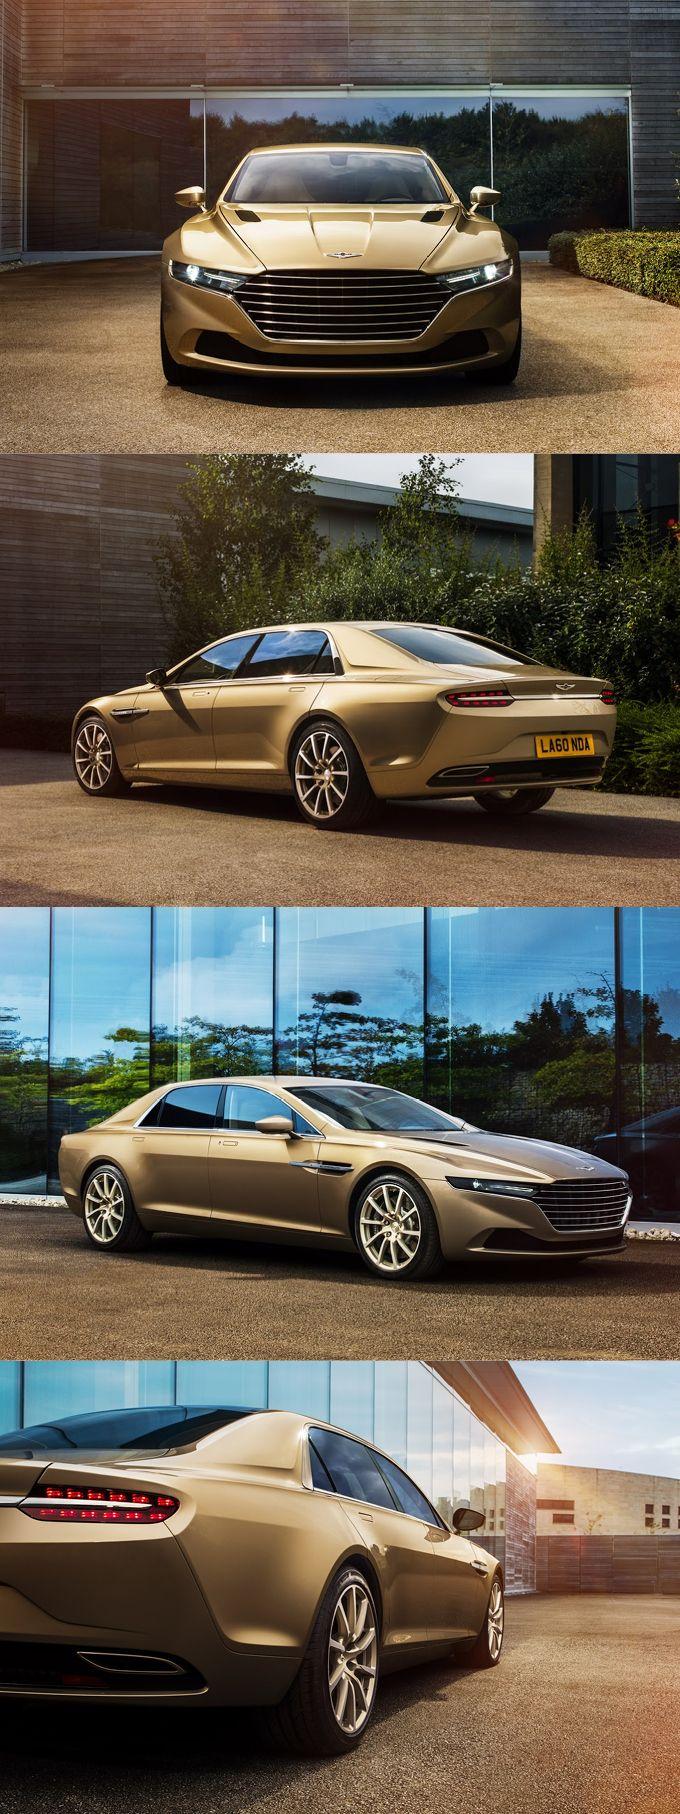 2015 Lagonda Taraf / beige / UK / Aston Martin / 6.0l 12 / Marek Reichman / 17-344